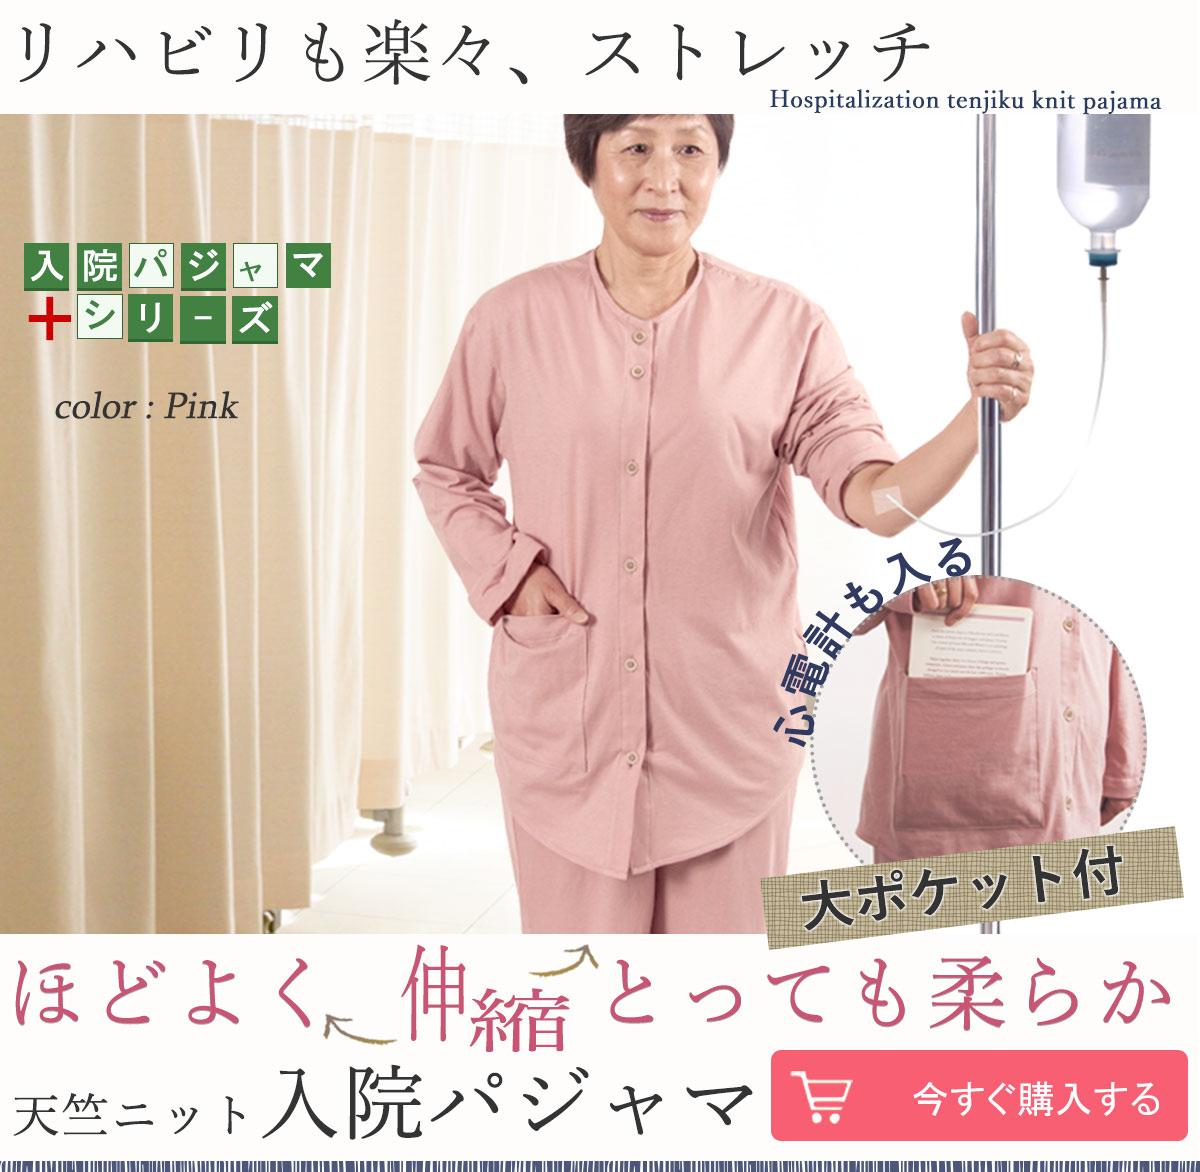 リハビリも楽々、ストレッチ、入院パジャマシリーズほどよく伸縮とっても柔らか天竺ニット入院パジャマ